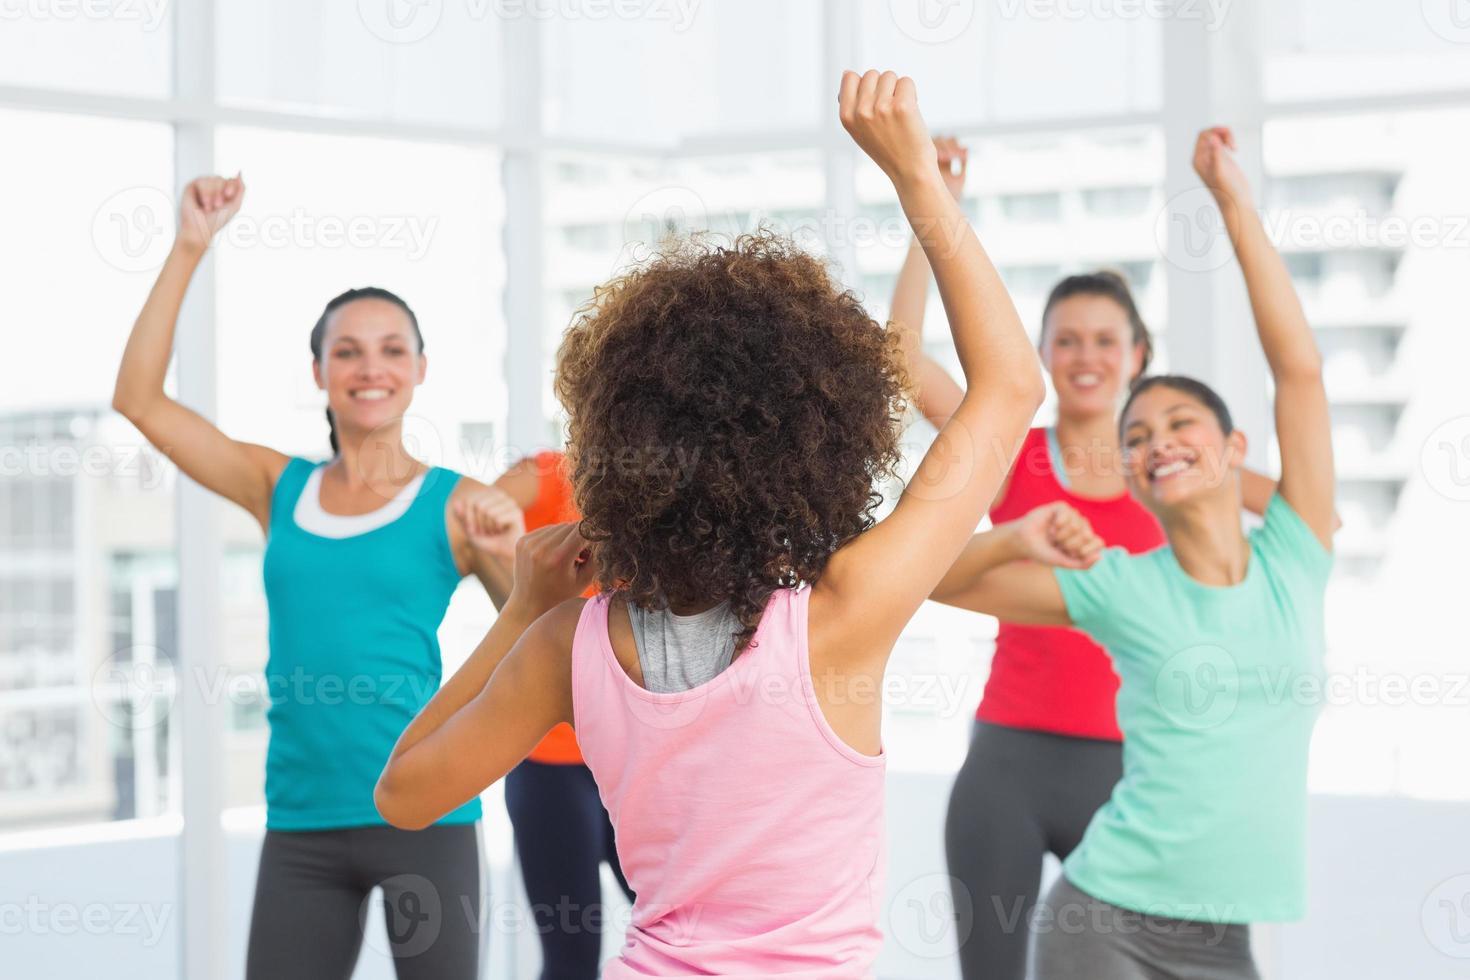 cours de fitness et instructeur faisant des exercices de pilates photo